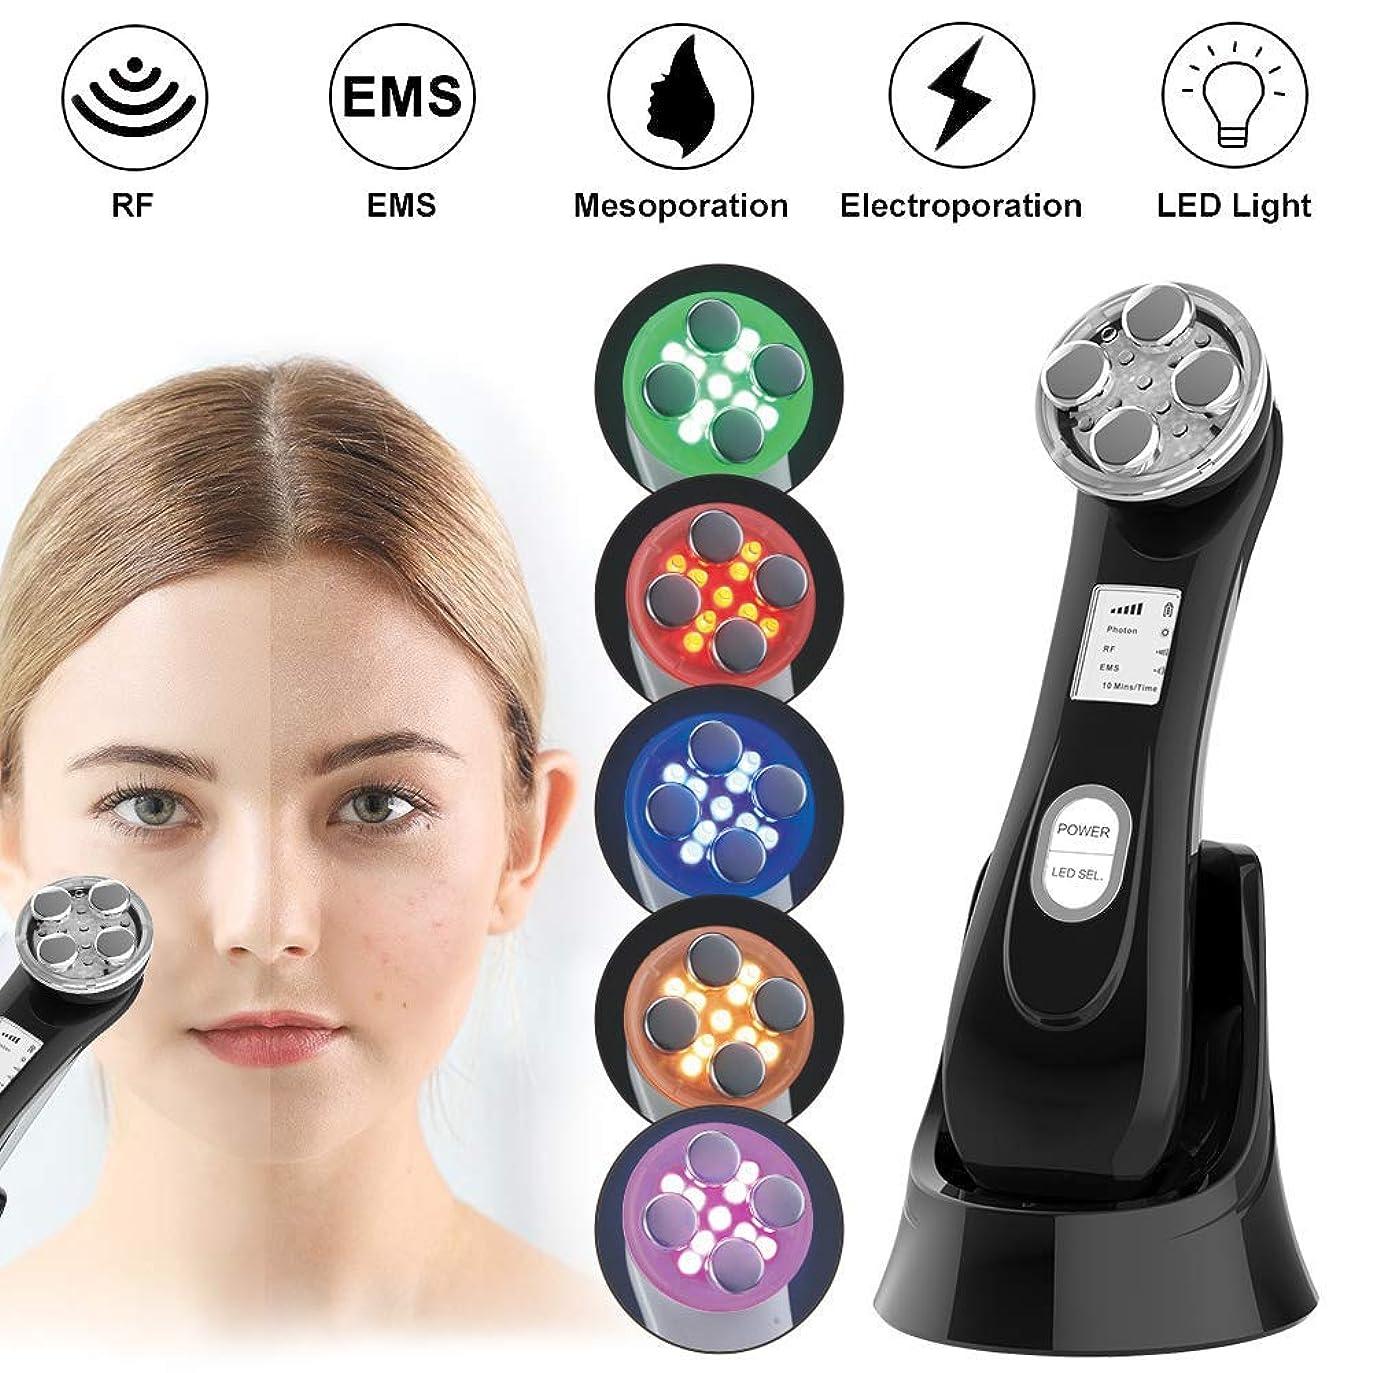 ブラウン人柄ベッツィトロットウッド肌の引き締め機、しわ除去機、6 in 1 RF美容アンチエイジングアンチニキビフェイシャルリフティング美容機高周波USB充電式EMS超音波LEDフェイシャルフォトンフェイススキンケア